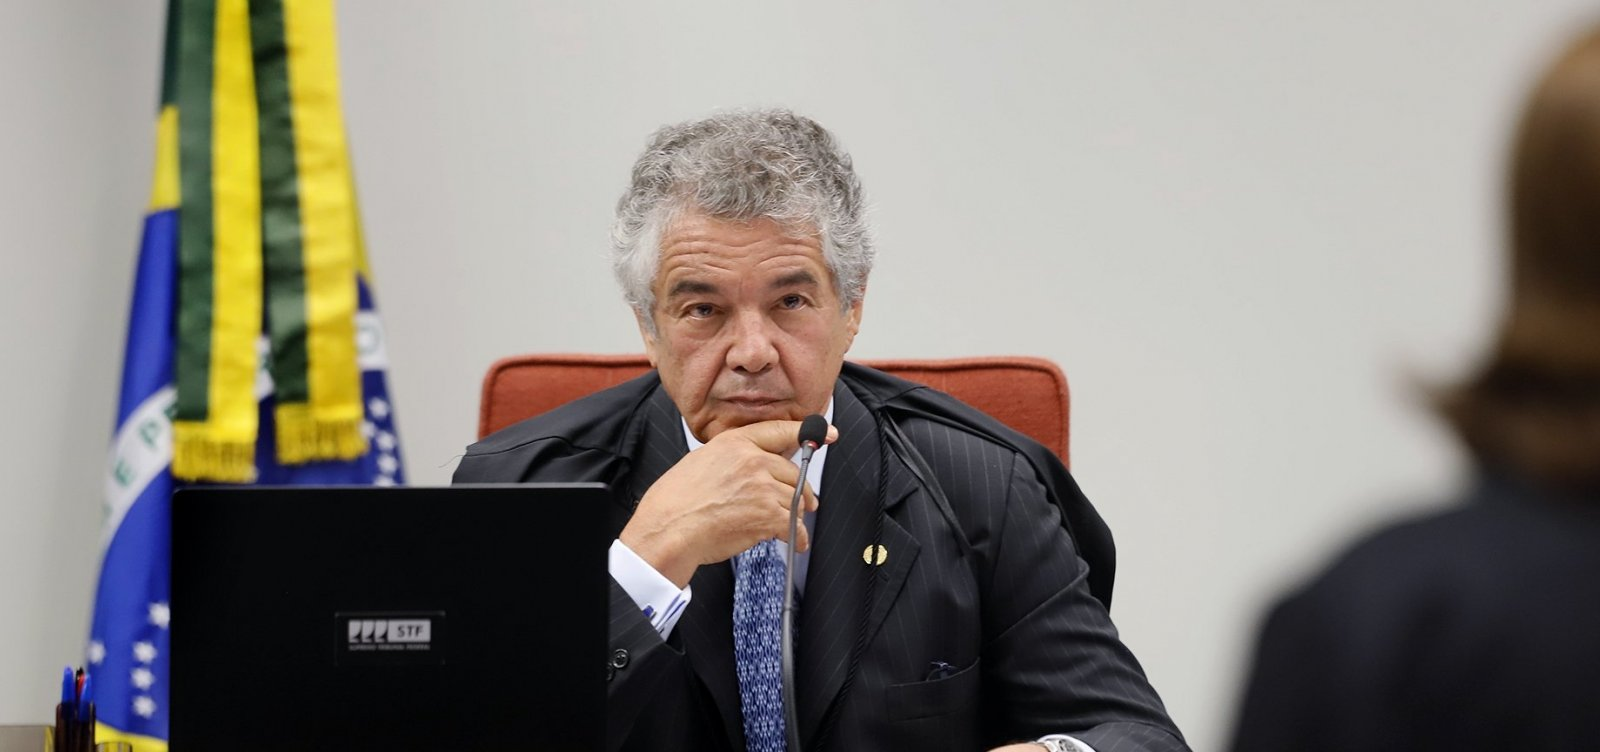 Marco Aurélio critica advogada baiana por se referir a ministros do STF como 'vocês'; veja